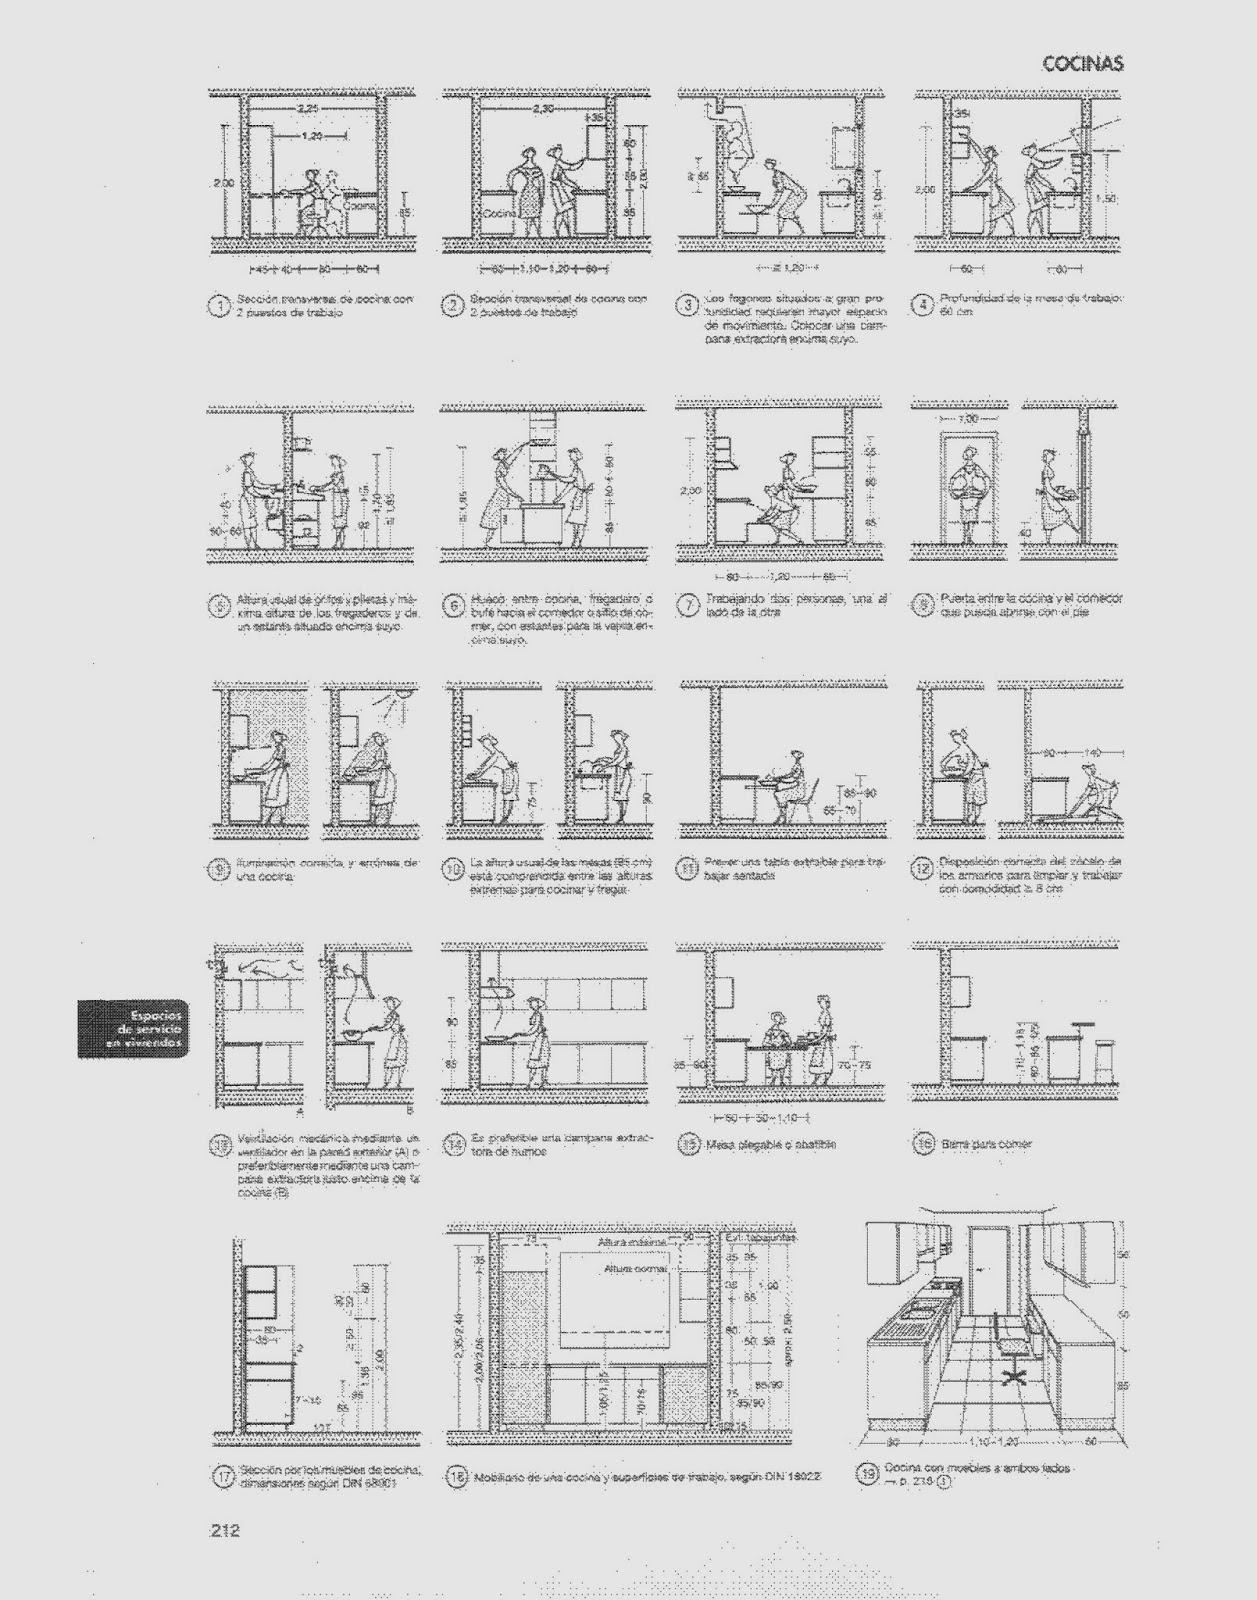 Medidas Baño Publico:Todo para el Arqui: Neufert Arte de proyectar en arquitectura